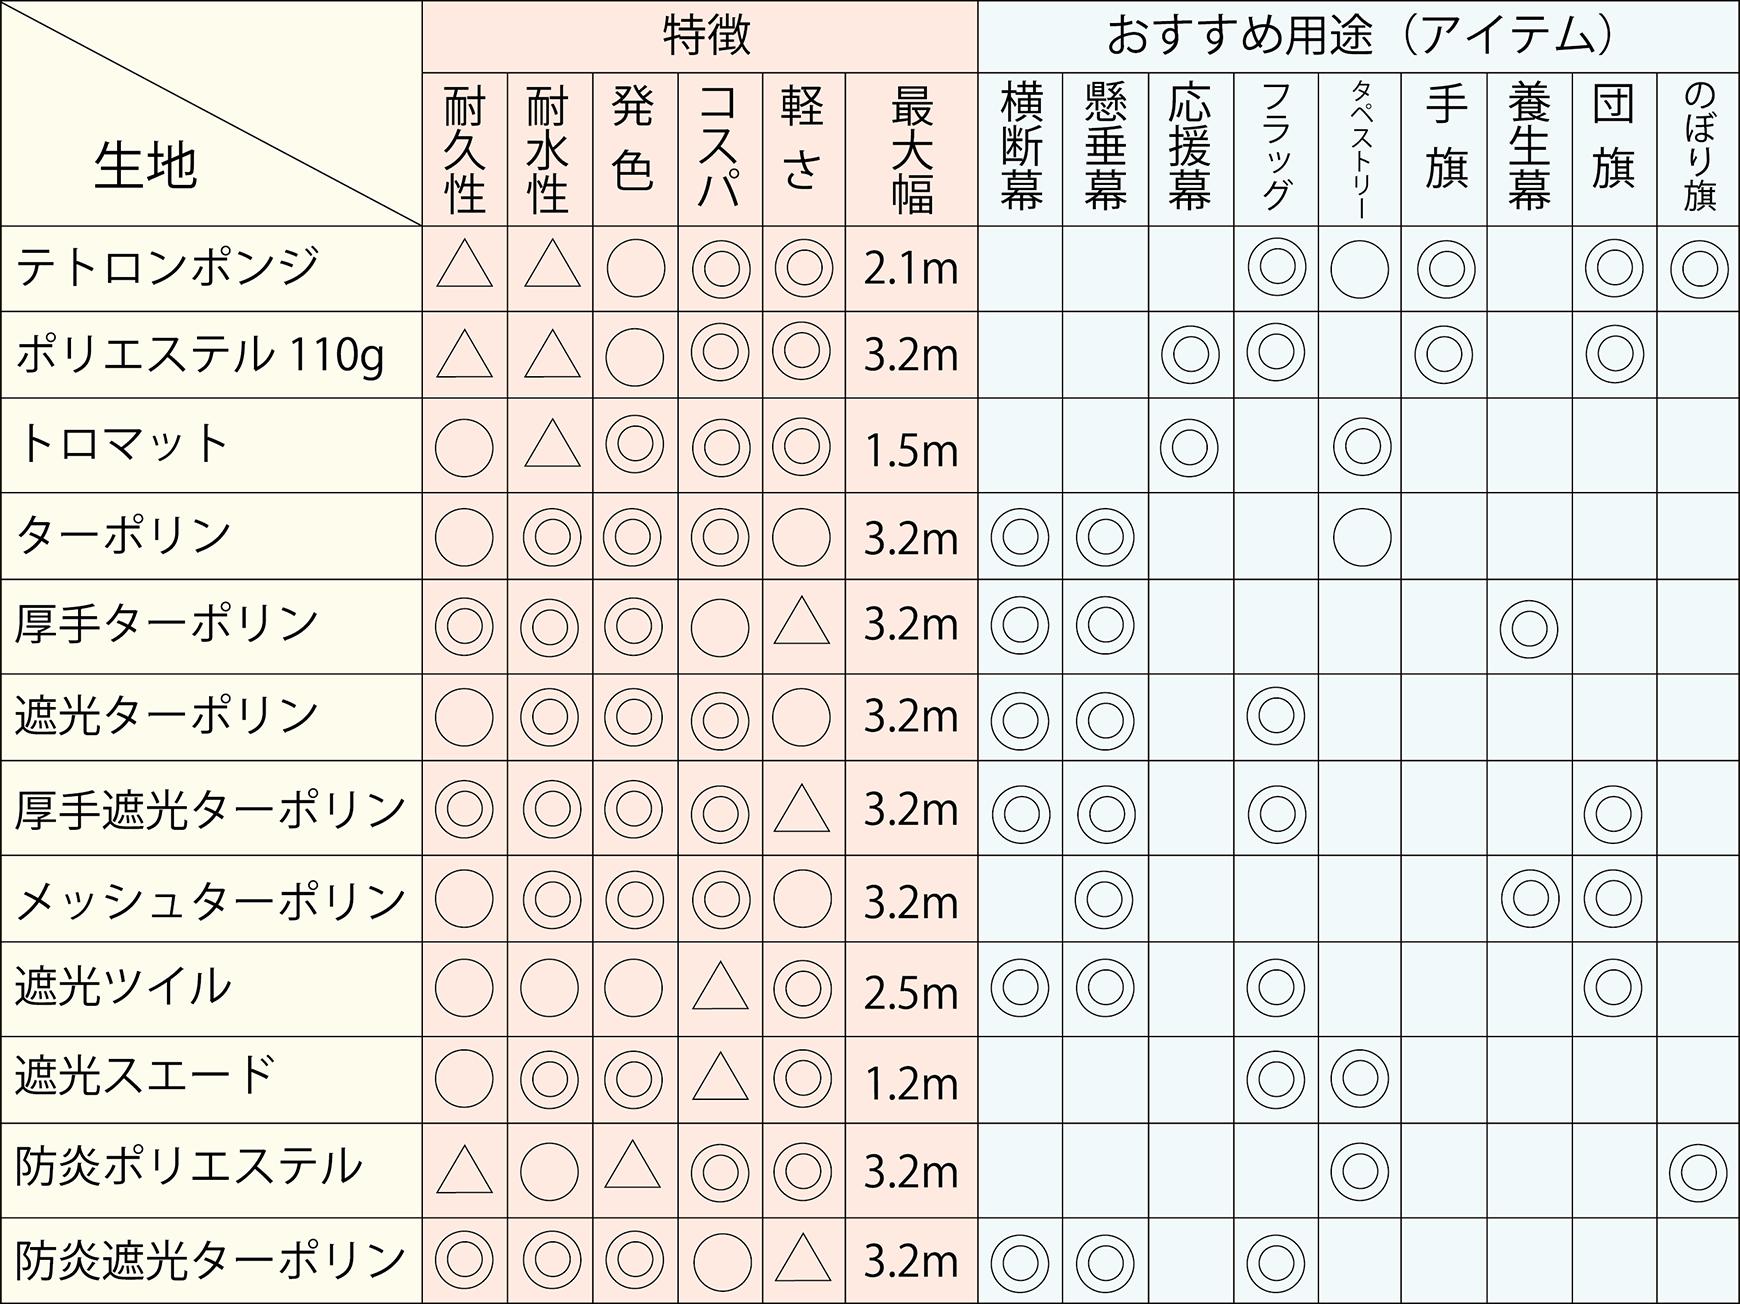 アドマク_生地比較表